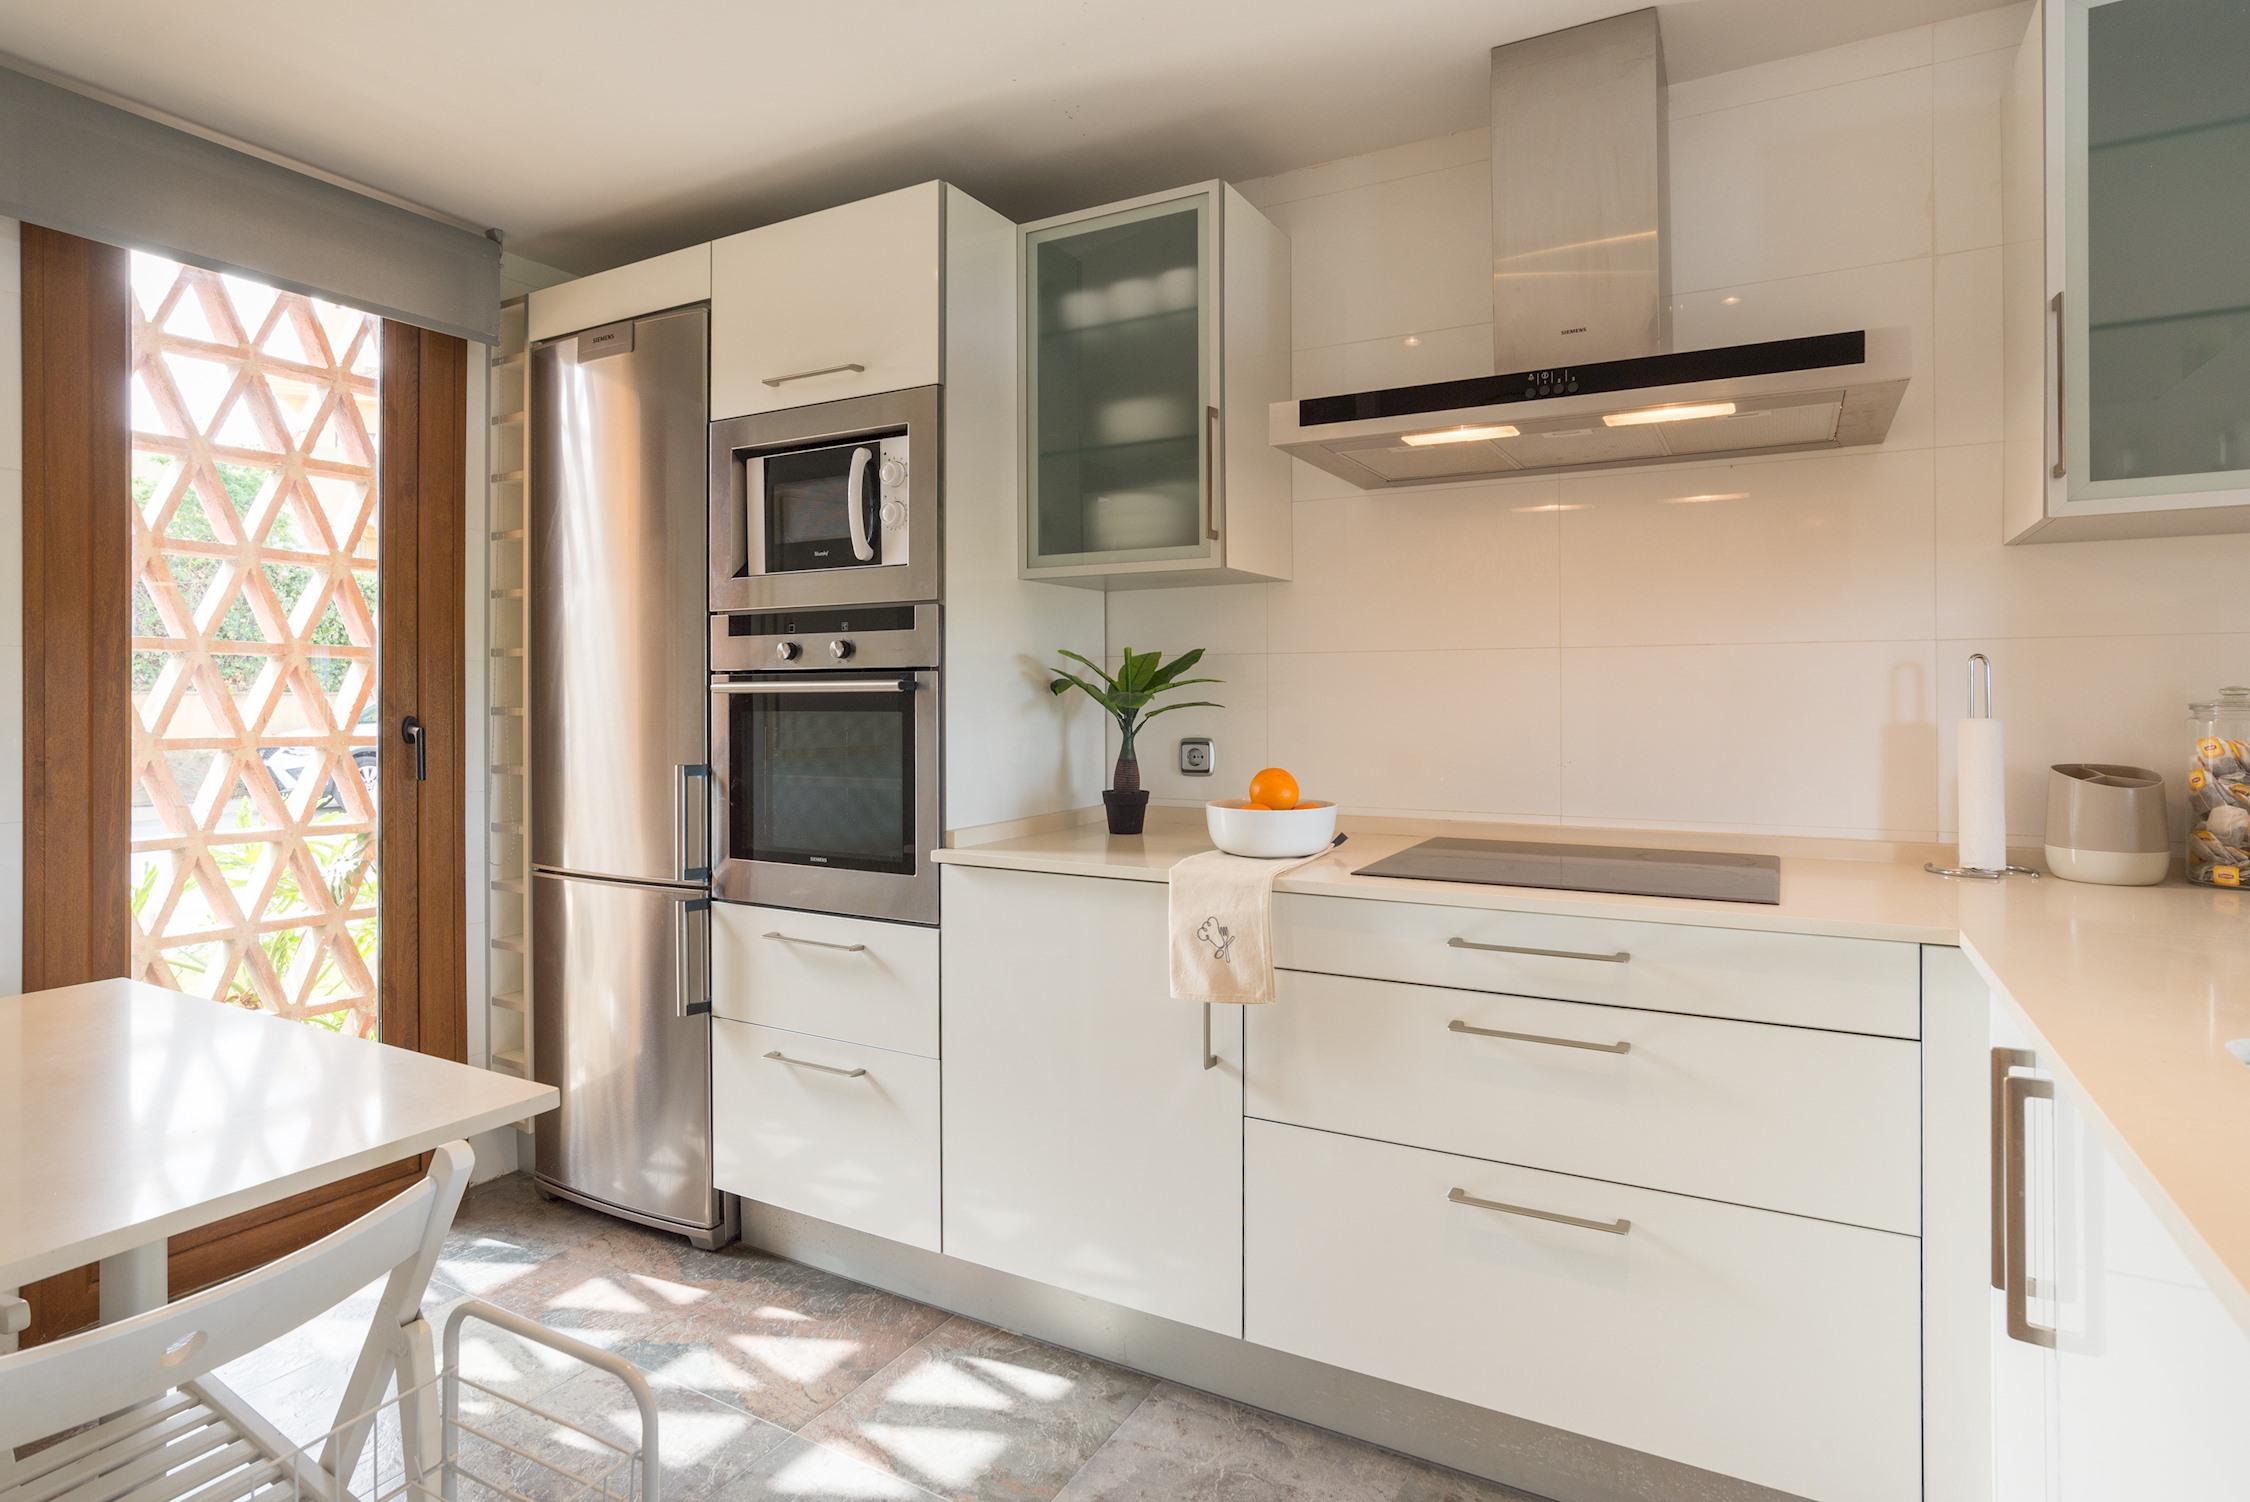 Apartment MalagaSuite Private Deluxe Villa photo 20498747